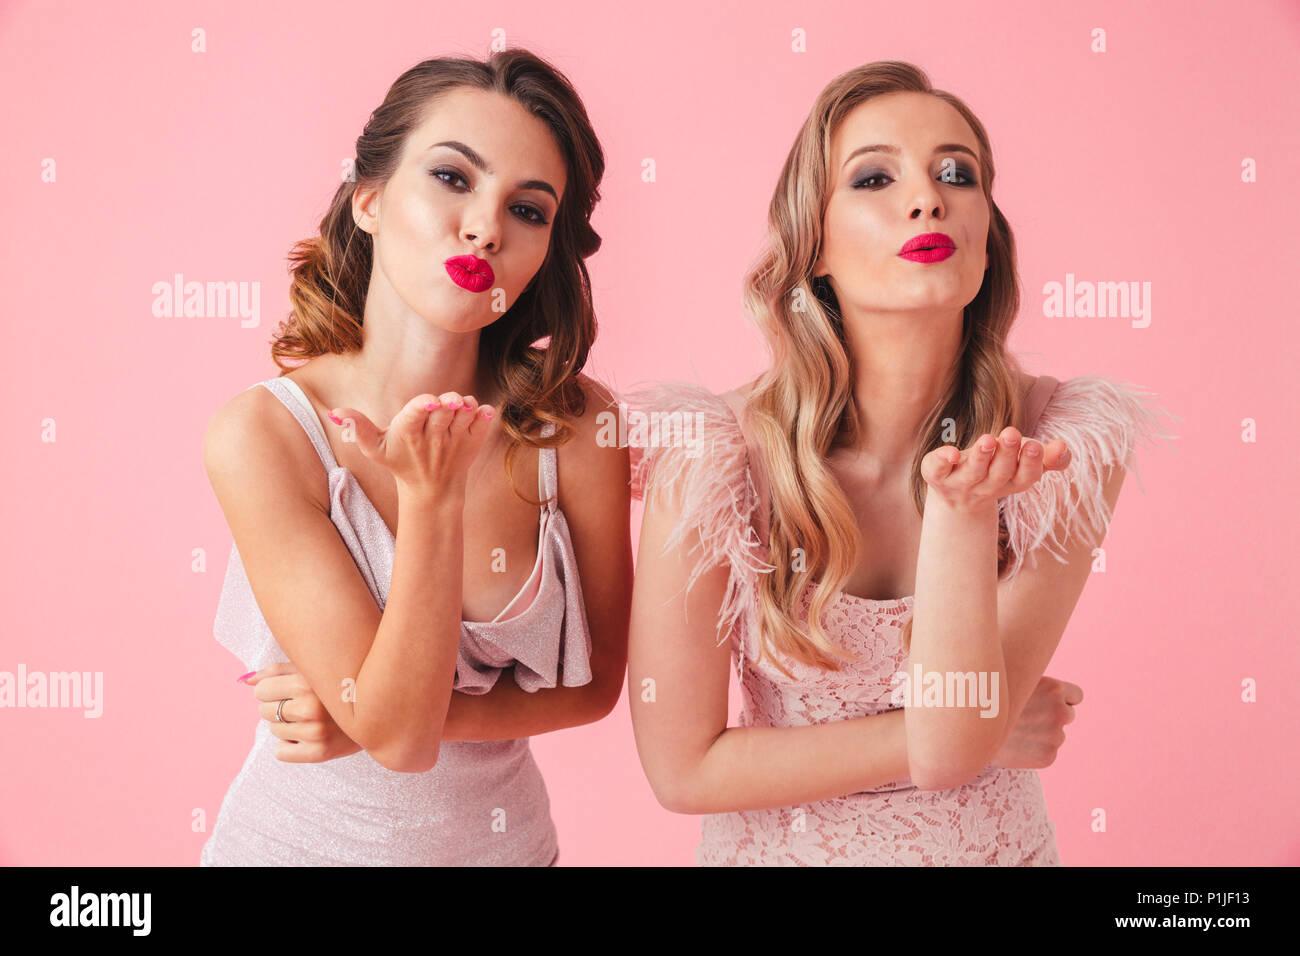 70ce3a803 Dos hermosas mujeres en vestidos envía besos de aire y mirando la cámara  sobre fondo de color rosa